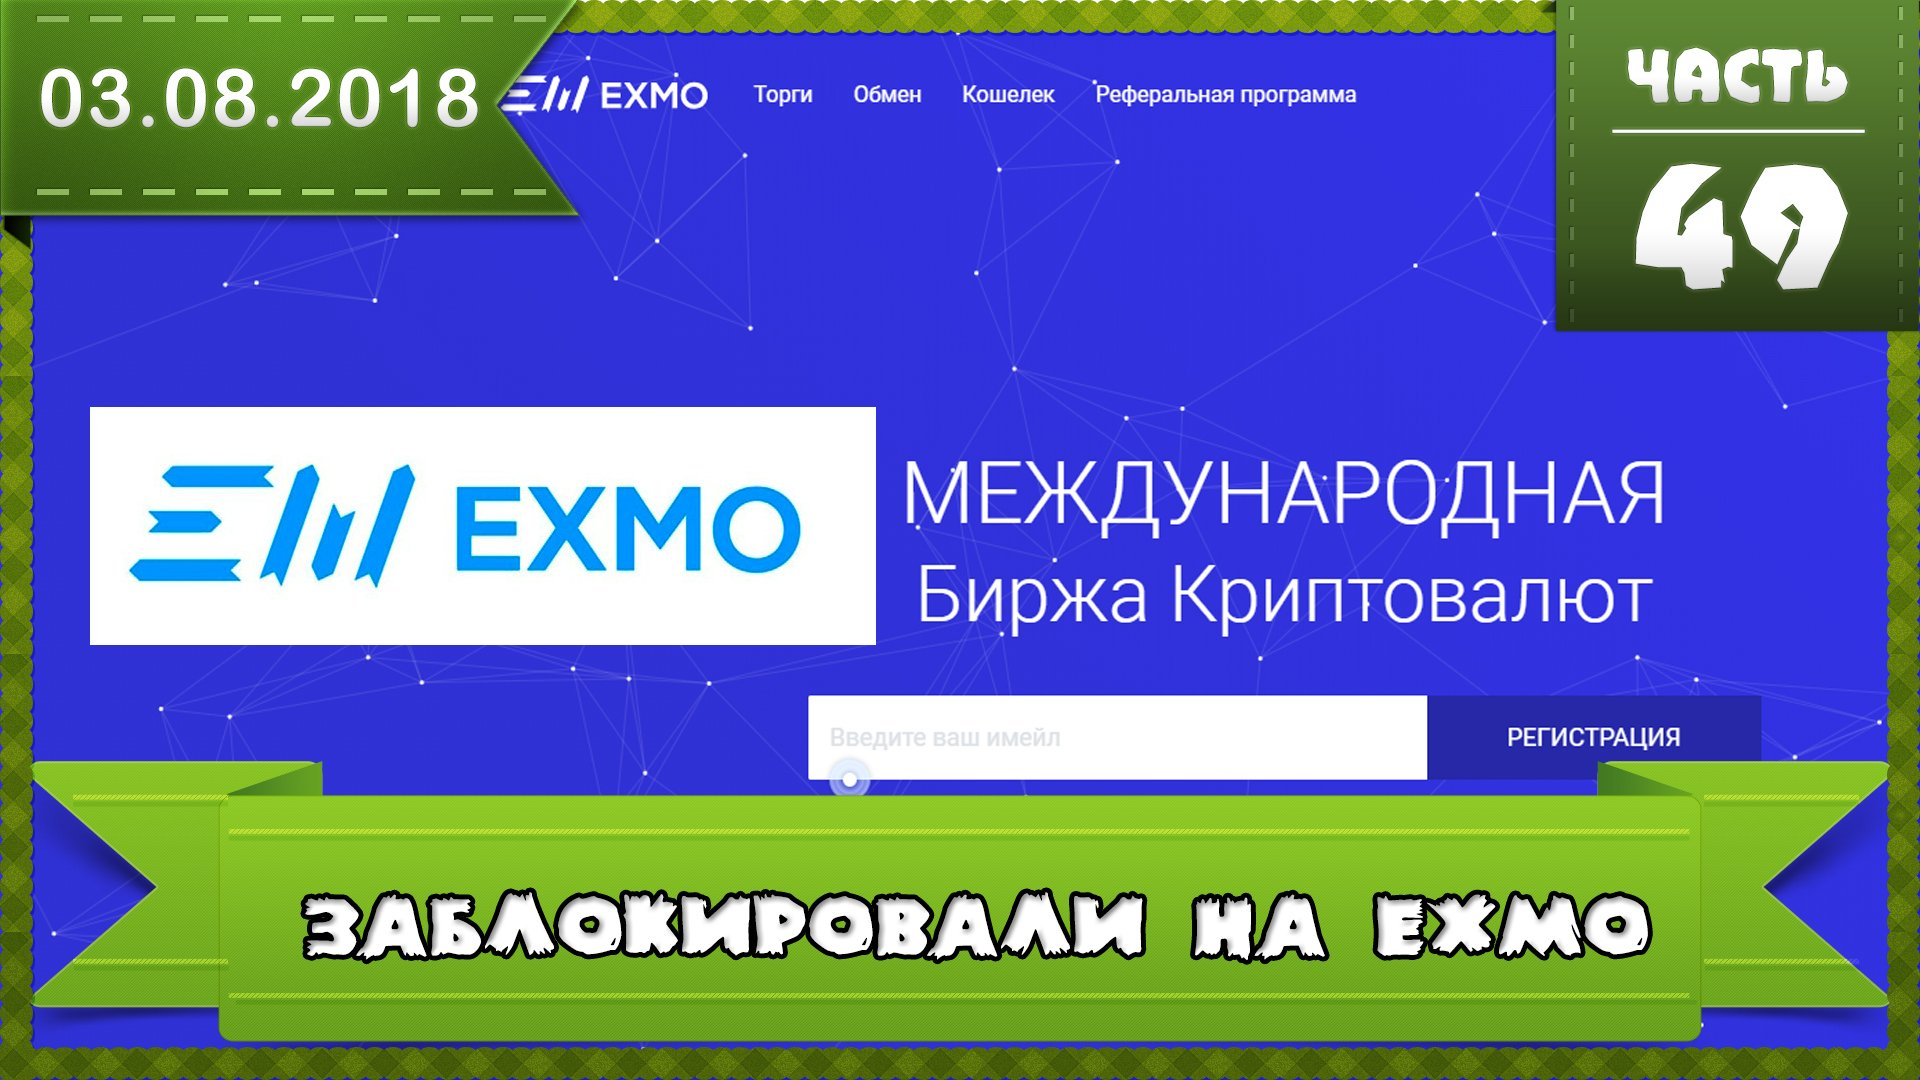 Блокировка на EXMO